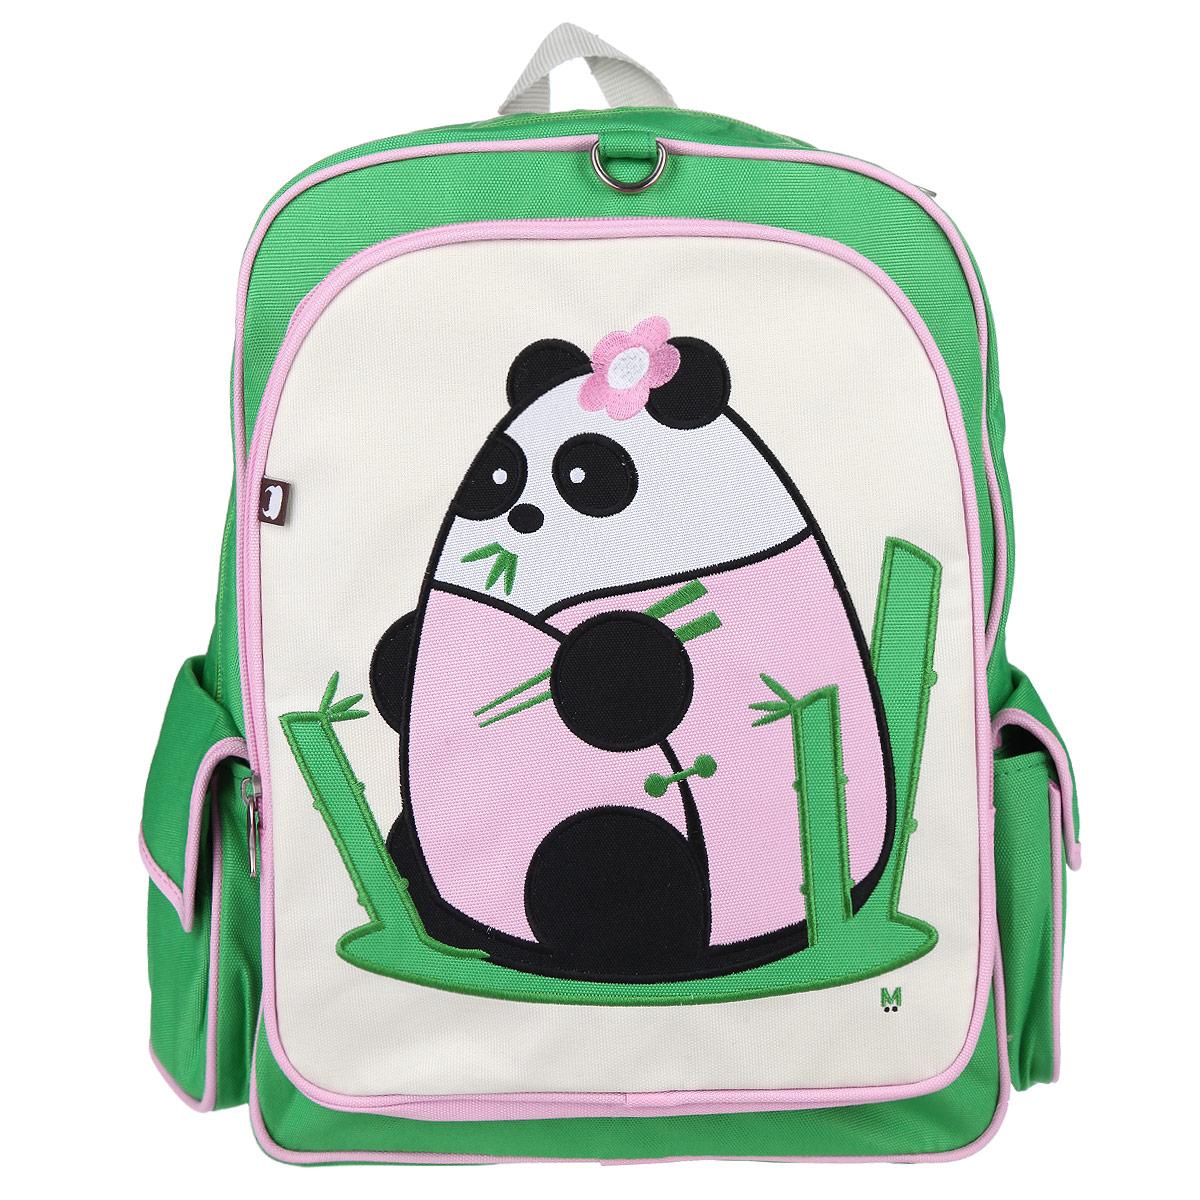 Рюкзак Beatrix Fei-Fei, цвет: салатовый, розовый, молочный72523WDРюкзак Beatrix Fei-Fei обязательно привлечет внимание вашего ребенка.Выполнен из прочного и высококачественного материала салатового, розового и молочного цветов и оформлен аппликацией с изображением панды. Рюкзак состоит из вместительного отделения, закрывающегося на застежку-молнию с двумя бегунками. Бегунки застежки дополнены металлическими держателями. Внутри отделения находится нашивной карман на застежке-молнии. На задней стенке рюкзака имеется нашивка, на которой можно указать данные владельца. Лицевая сторона оснащена накладным карманом на молнии. Рюкзак имеет два накладных боковых кармана на липучке. Мягкие широкие лямки позволяют легко и быстро отрегулировать рюкзак в соответствии с ростом. Рюкзак оснащен удобной текстильной ручкой для переноски в руке.Этот рюкзак можно использовать для повседневных прогулок, отдыха и спорта, а также как элемент вашего имиджа.